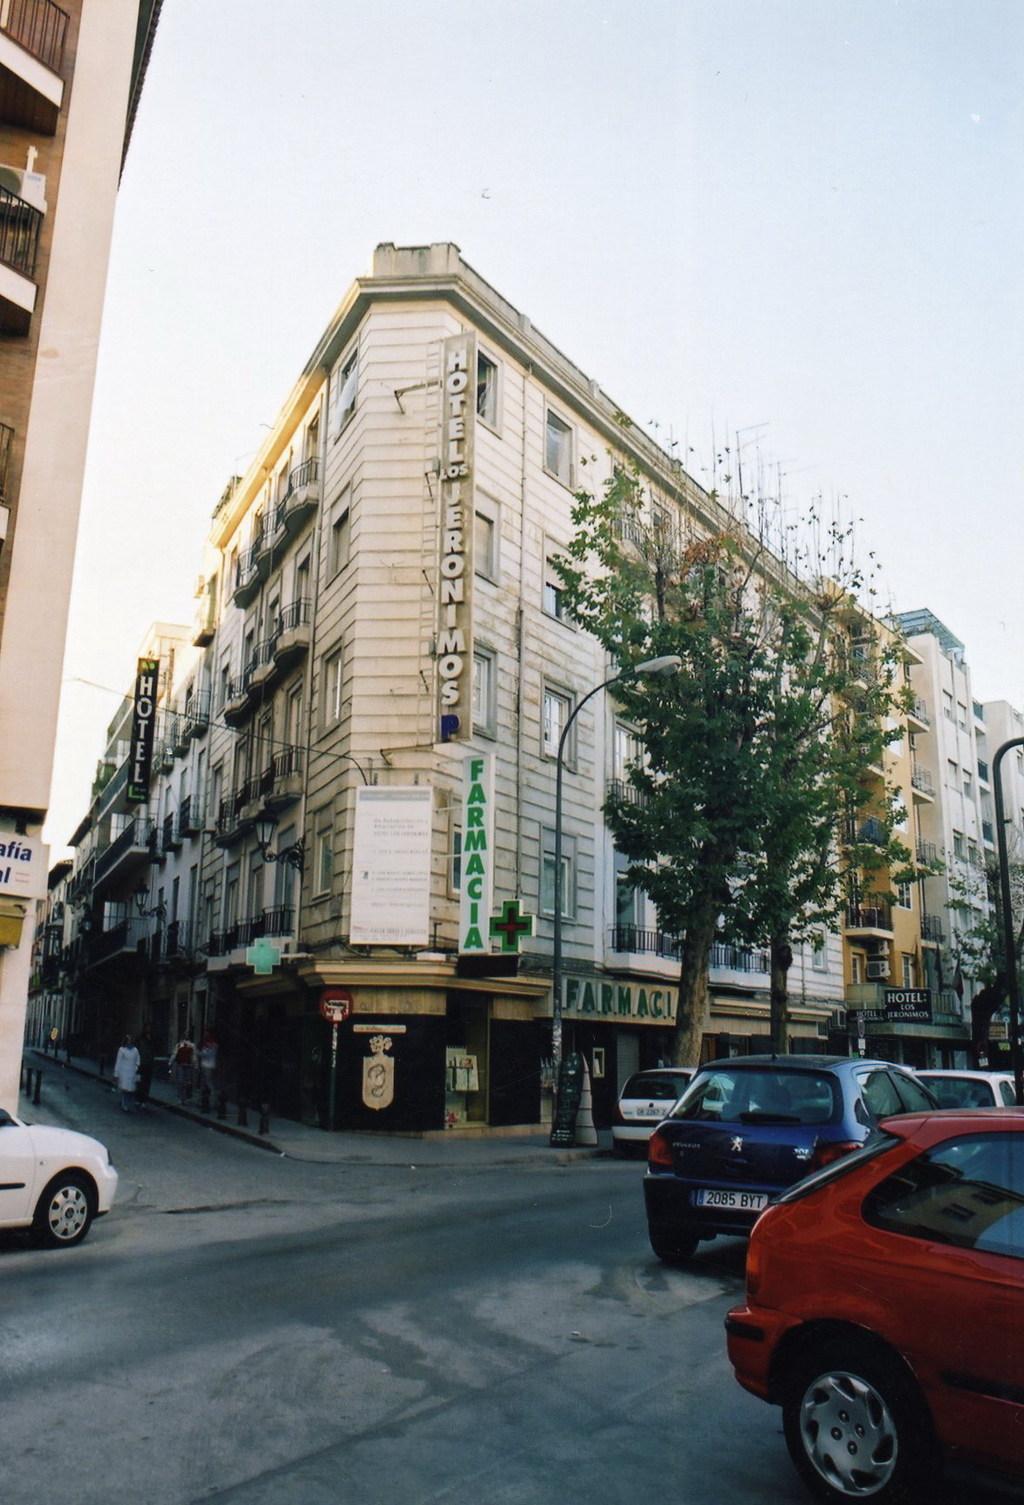 Hotel los jer nimos granada spanien for Hotel de diseno granada